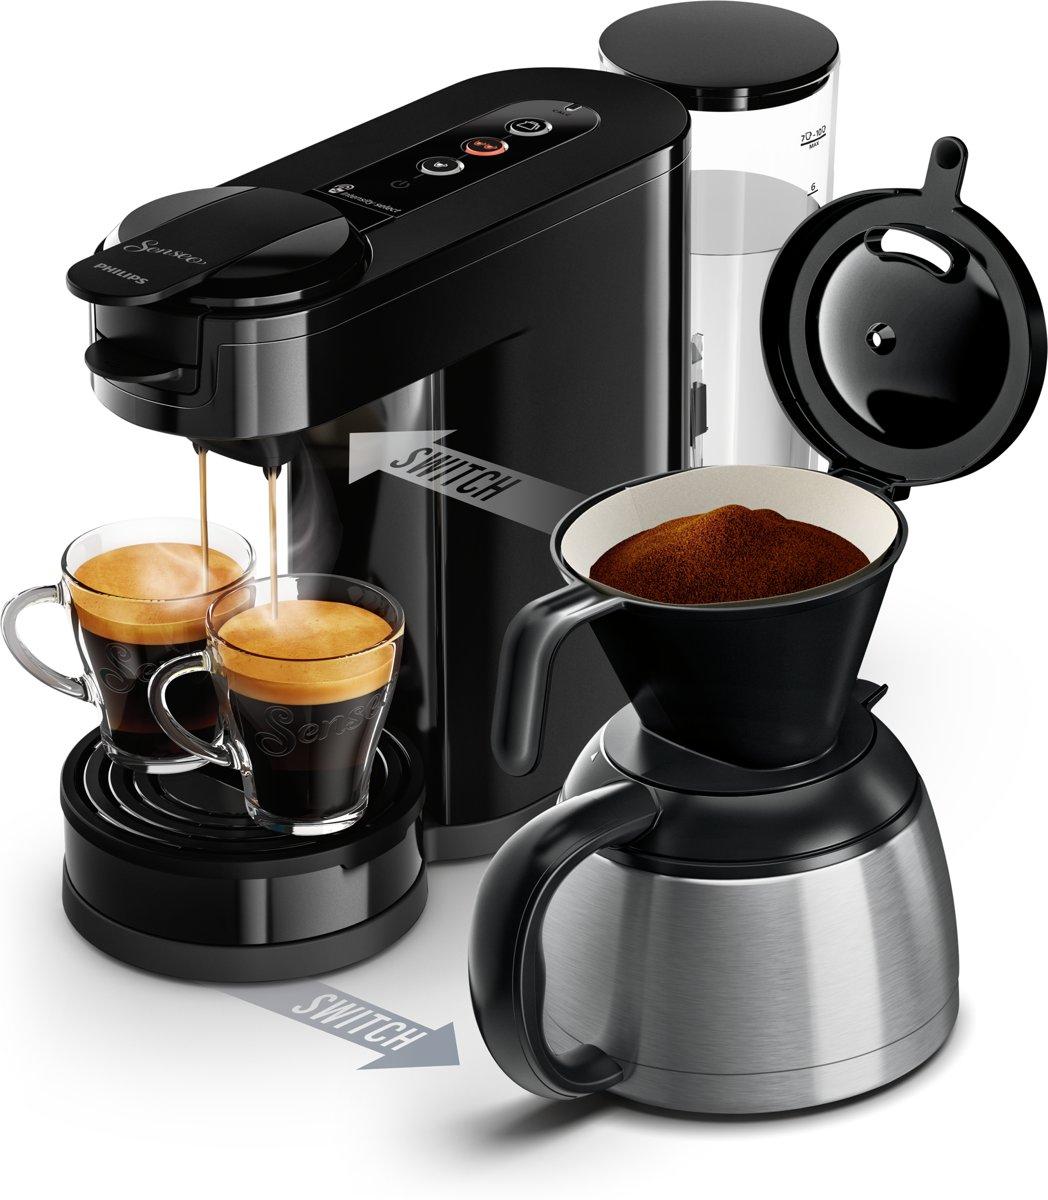 Topdeals op Philips koffiemachines en waterkokers @Bol